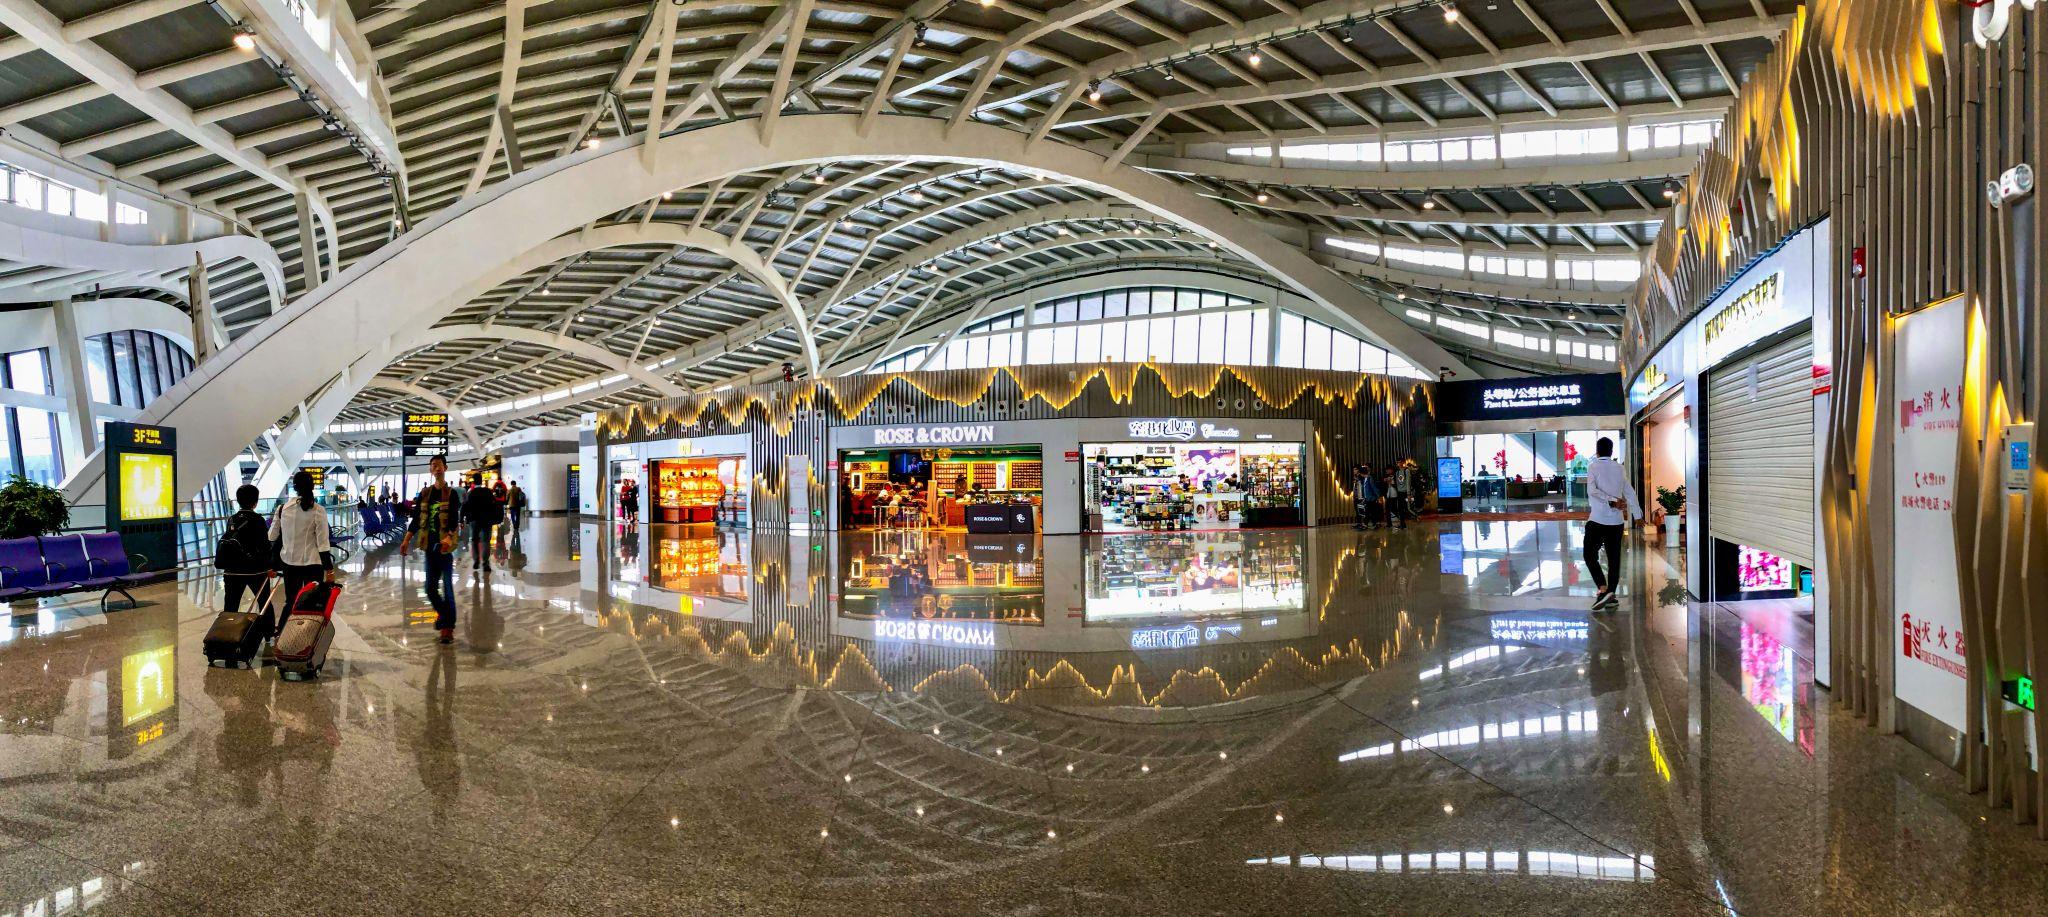 Guilin Liangjiang International Airport, China